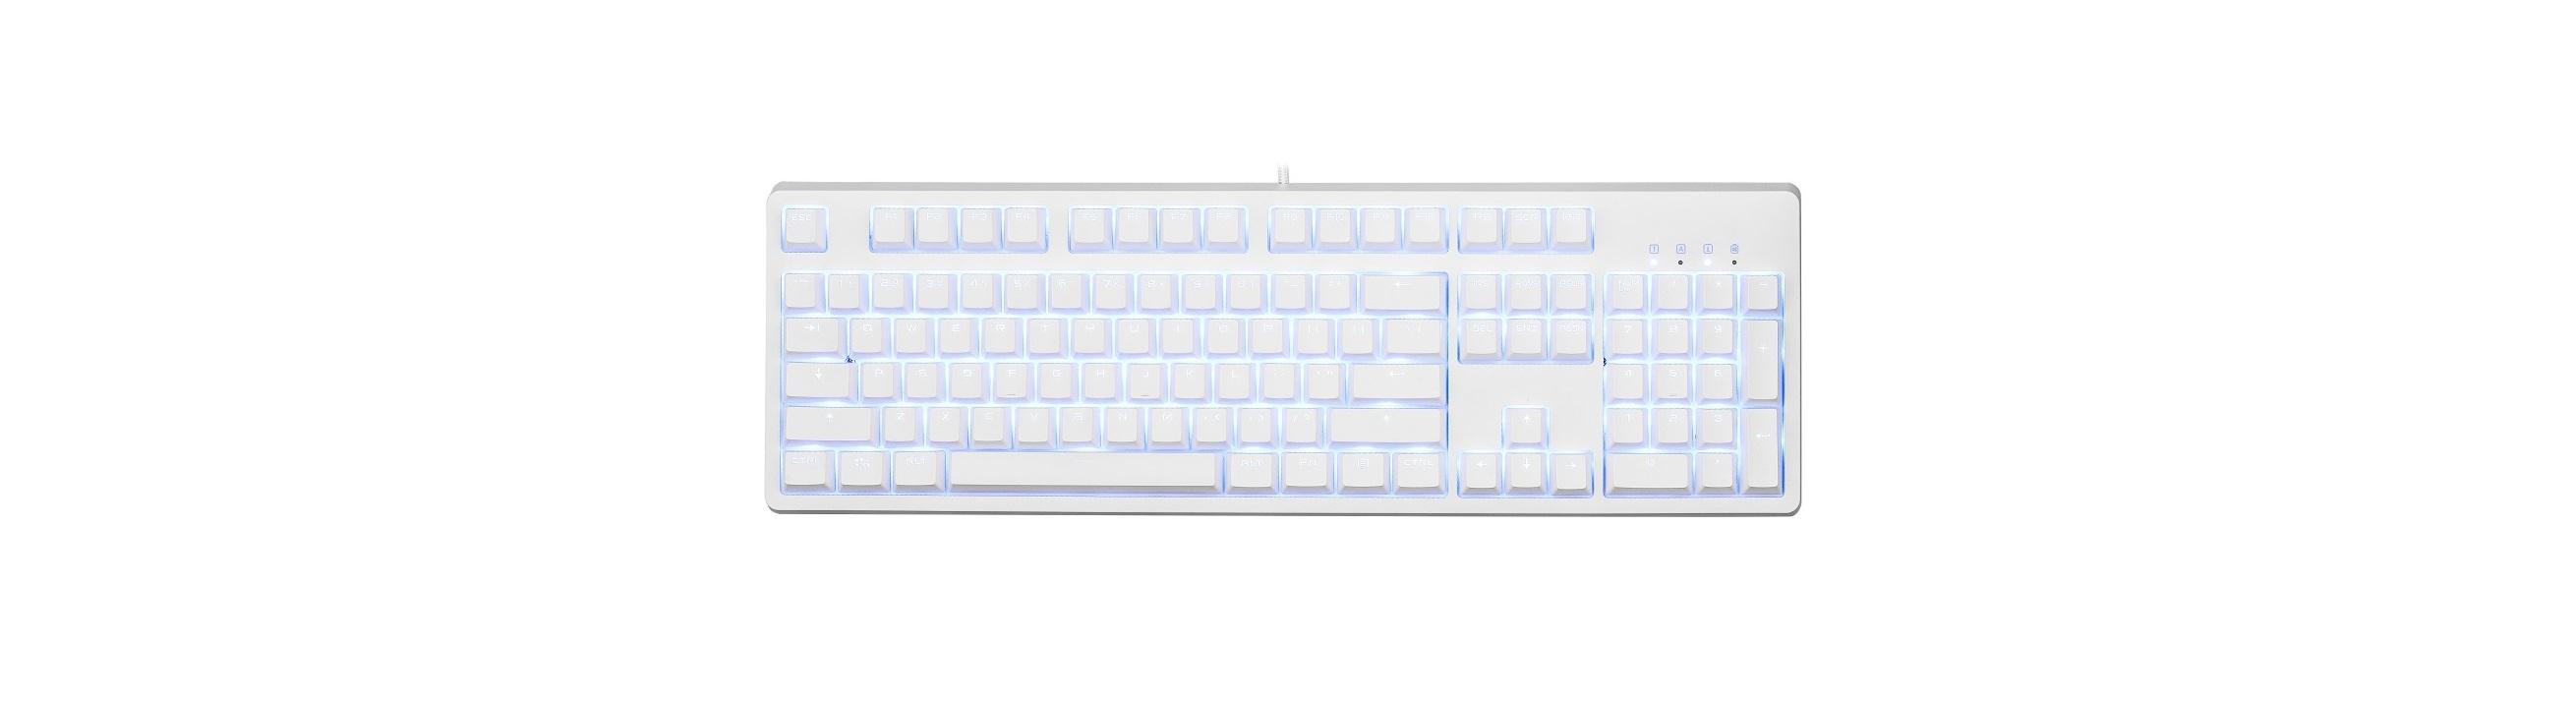 Bàn phím cơ E-Dra EK3104 Mechanical Gaming Outemu Brown switch White Case Blue Led USB có thiết kế đơn giản